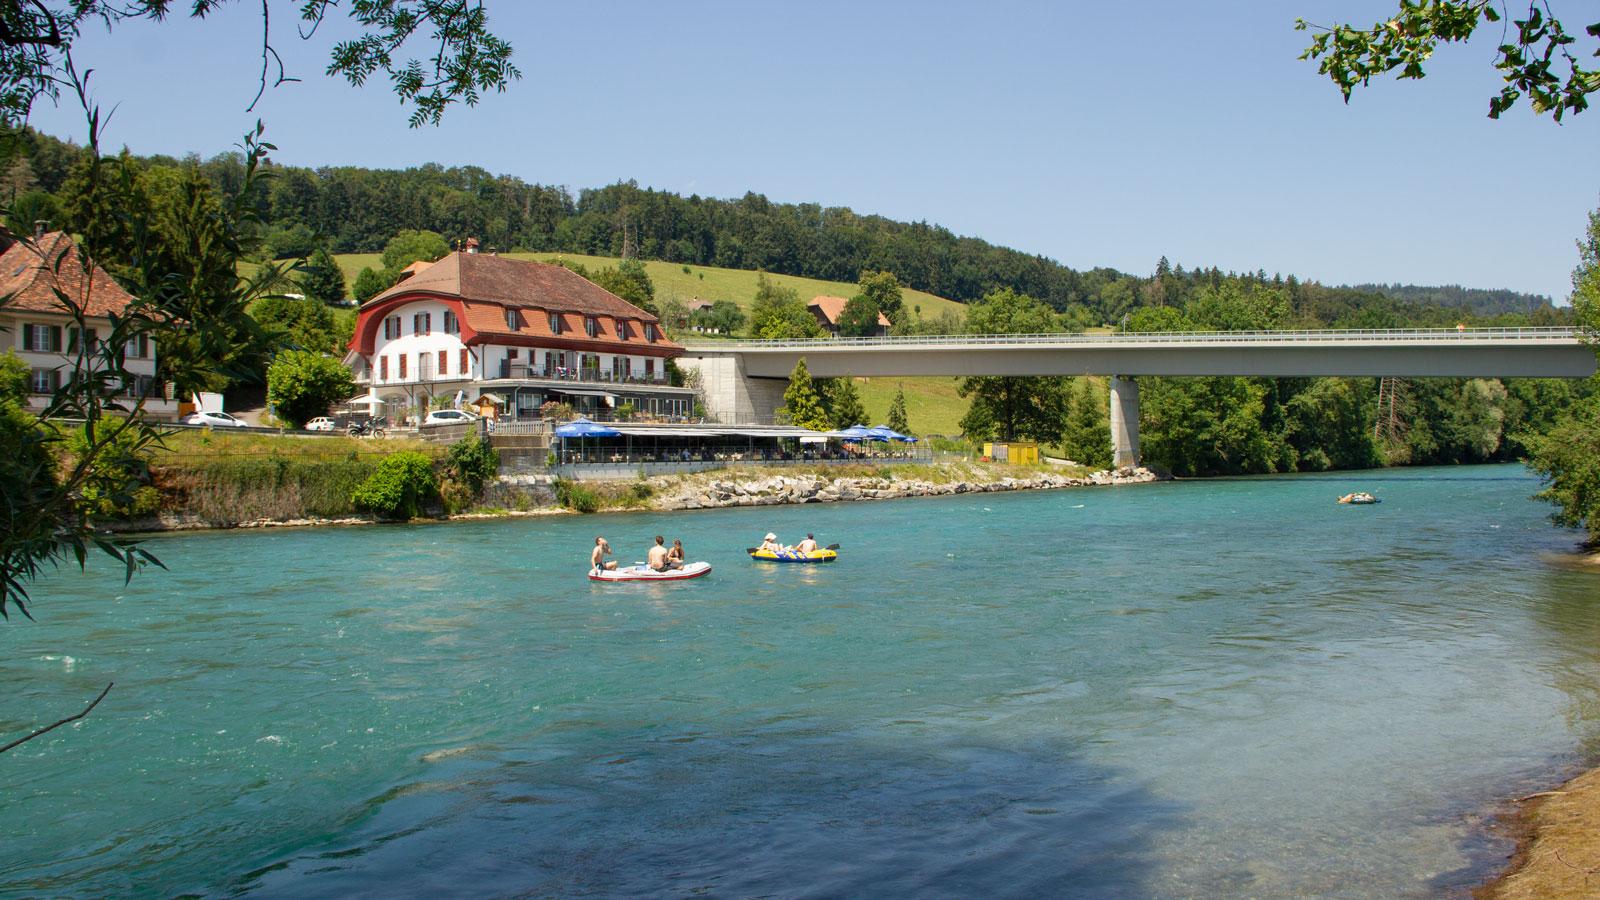 Die Einwasserungsstelle befindet sich unmittelbar links hinter der Thalgutbrücke. Anfängern bieten sich ab hier perfekte Bedingungen, da der Fluss weiterhin zügig, aber ohne schwierige Stellen bis Bern strömt. Der Einstieg ist rund einen Kilometer vom Bahnhof Wichtrach entfernt